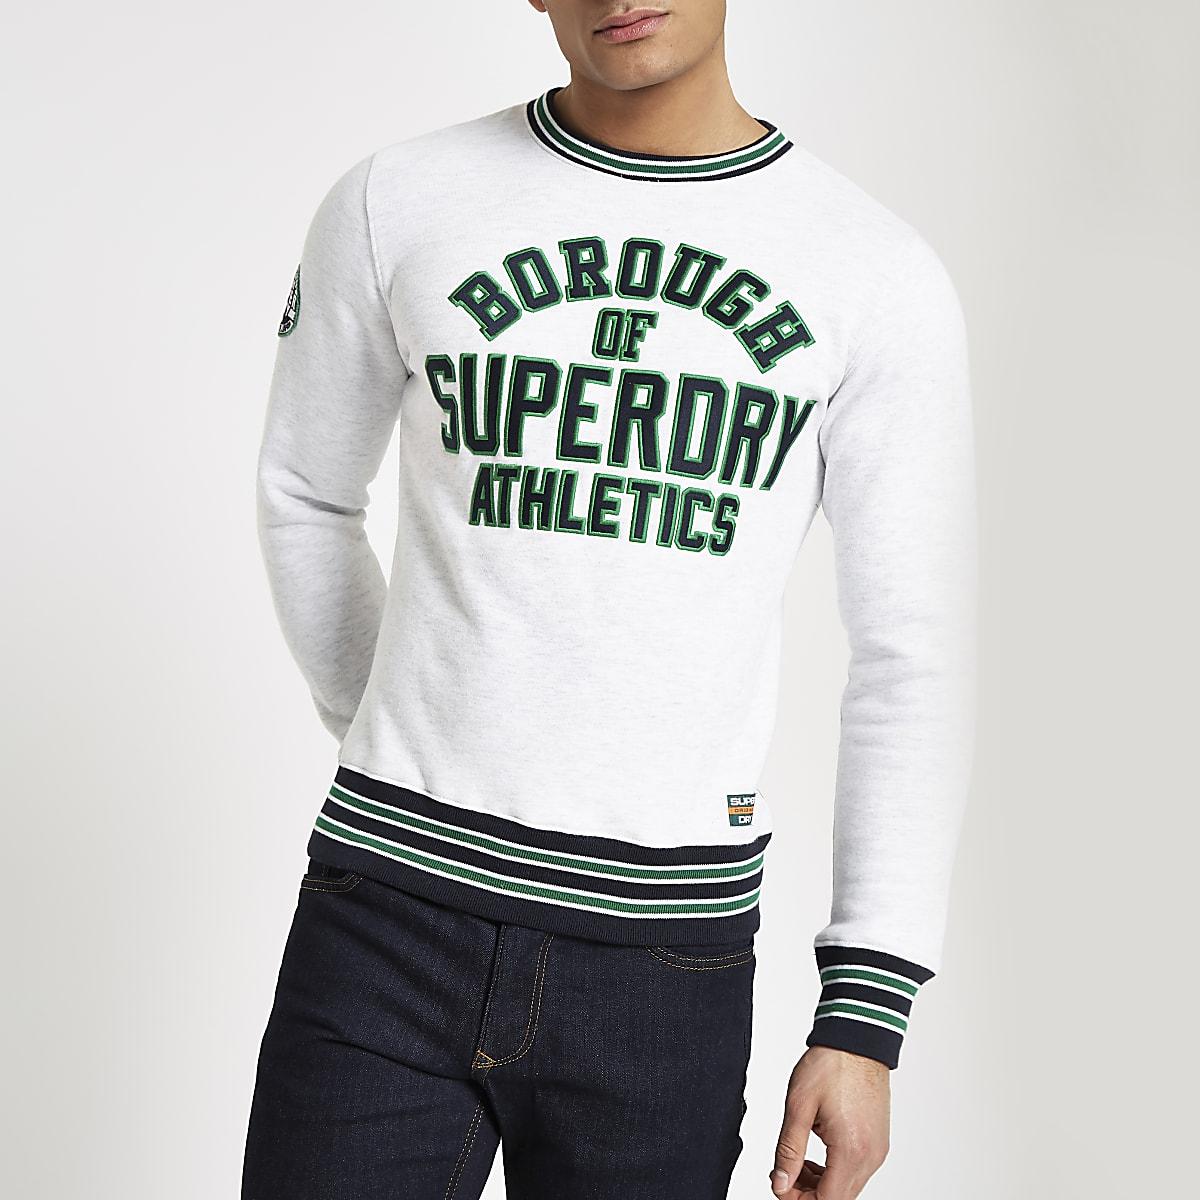 Superdry – Grauer Pullover mit Rundhalsausschnitt